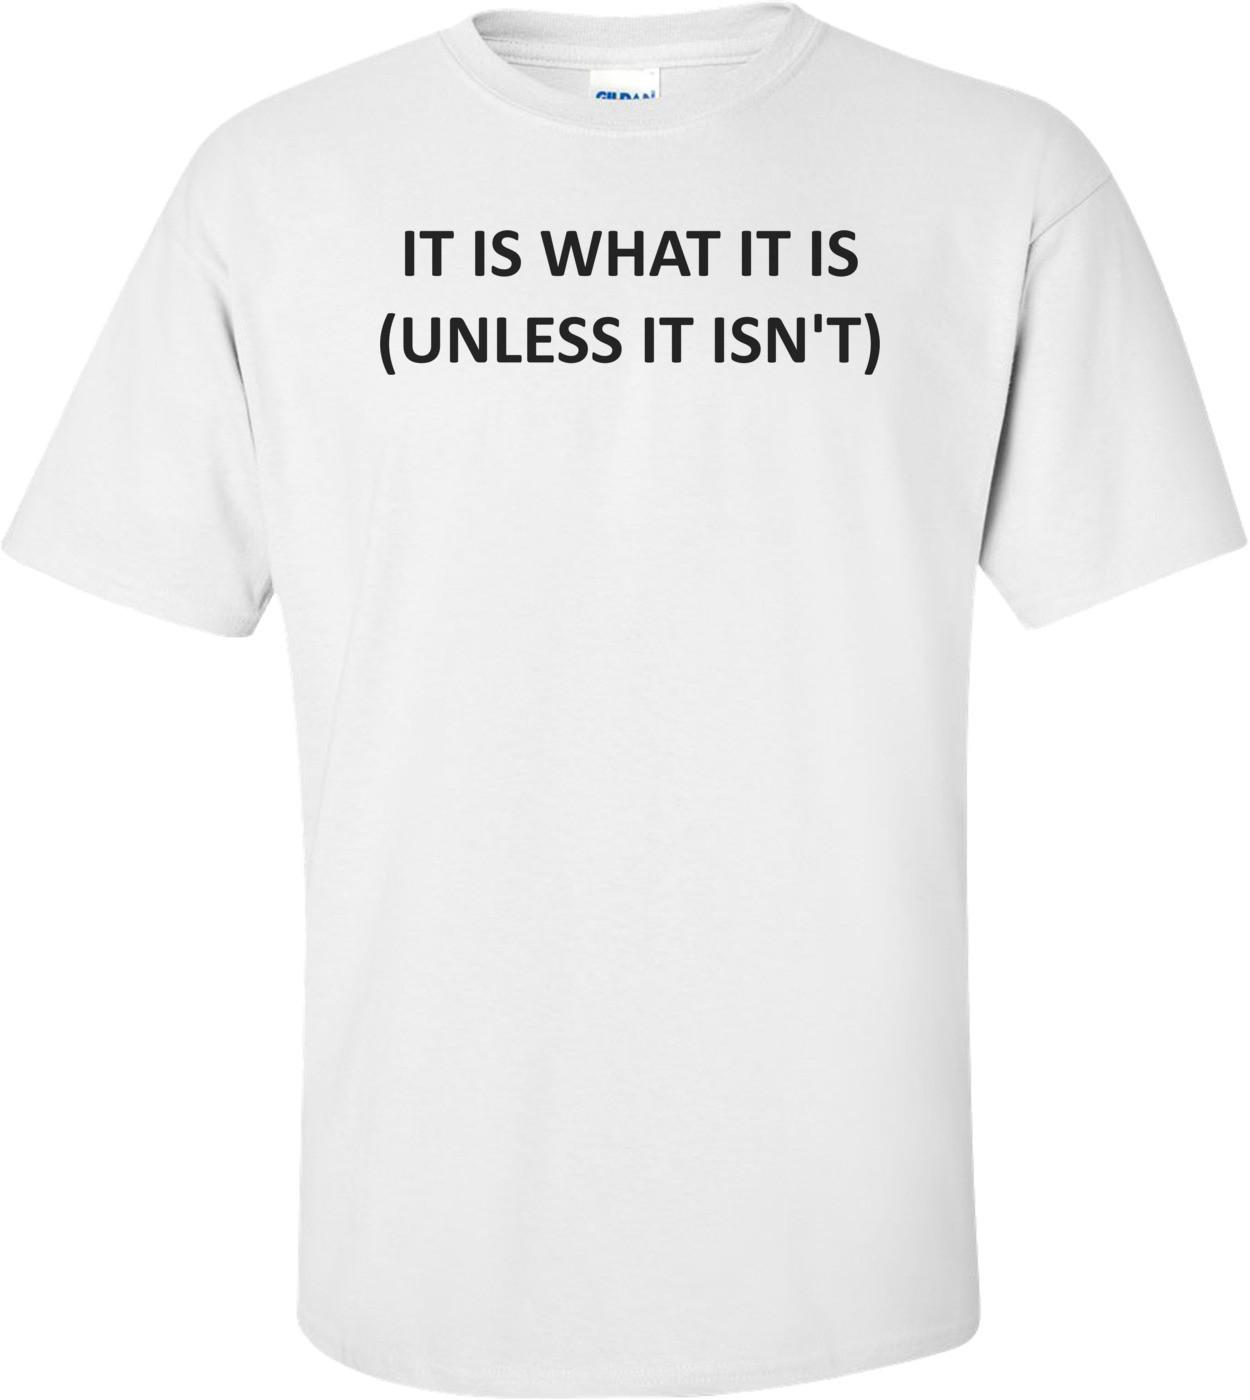 IT IS WHAT IT IS (UNLESS IT ISN'T) Shirt